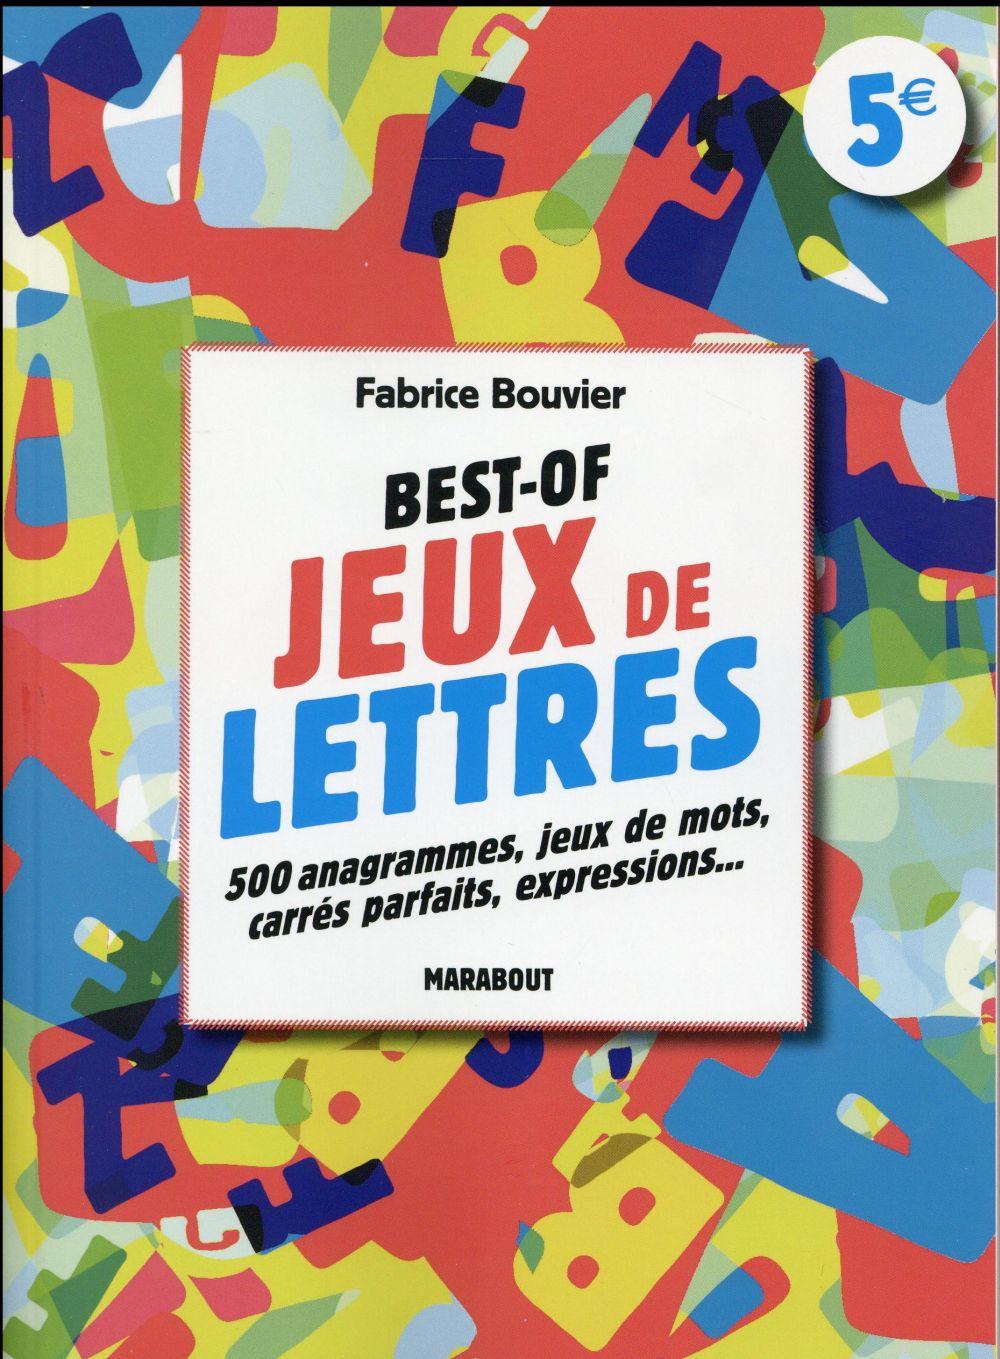 Best-Of Jeux De Lettres - Fabrice Bouvier - Marabout - Grand Format - Pavé  Dans La Mare Elancourt encequiconcerne Jeux Anagramme Gratuit A Telecharger